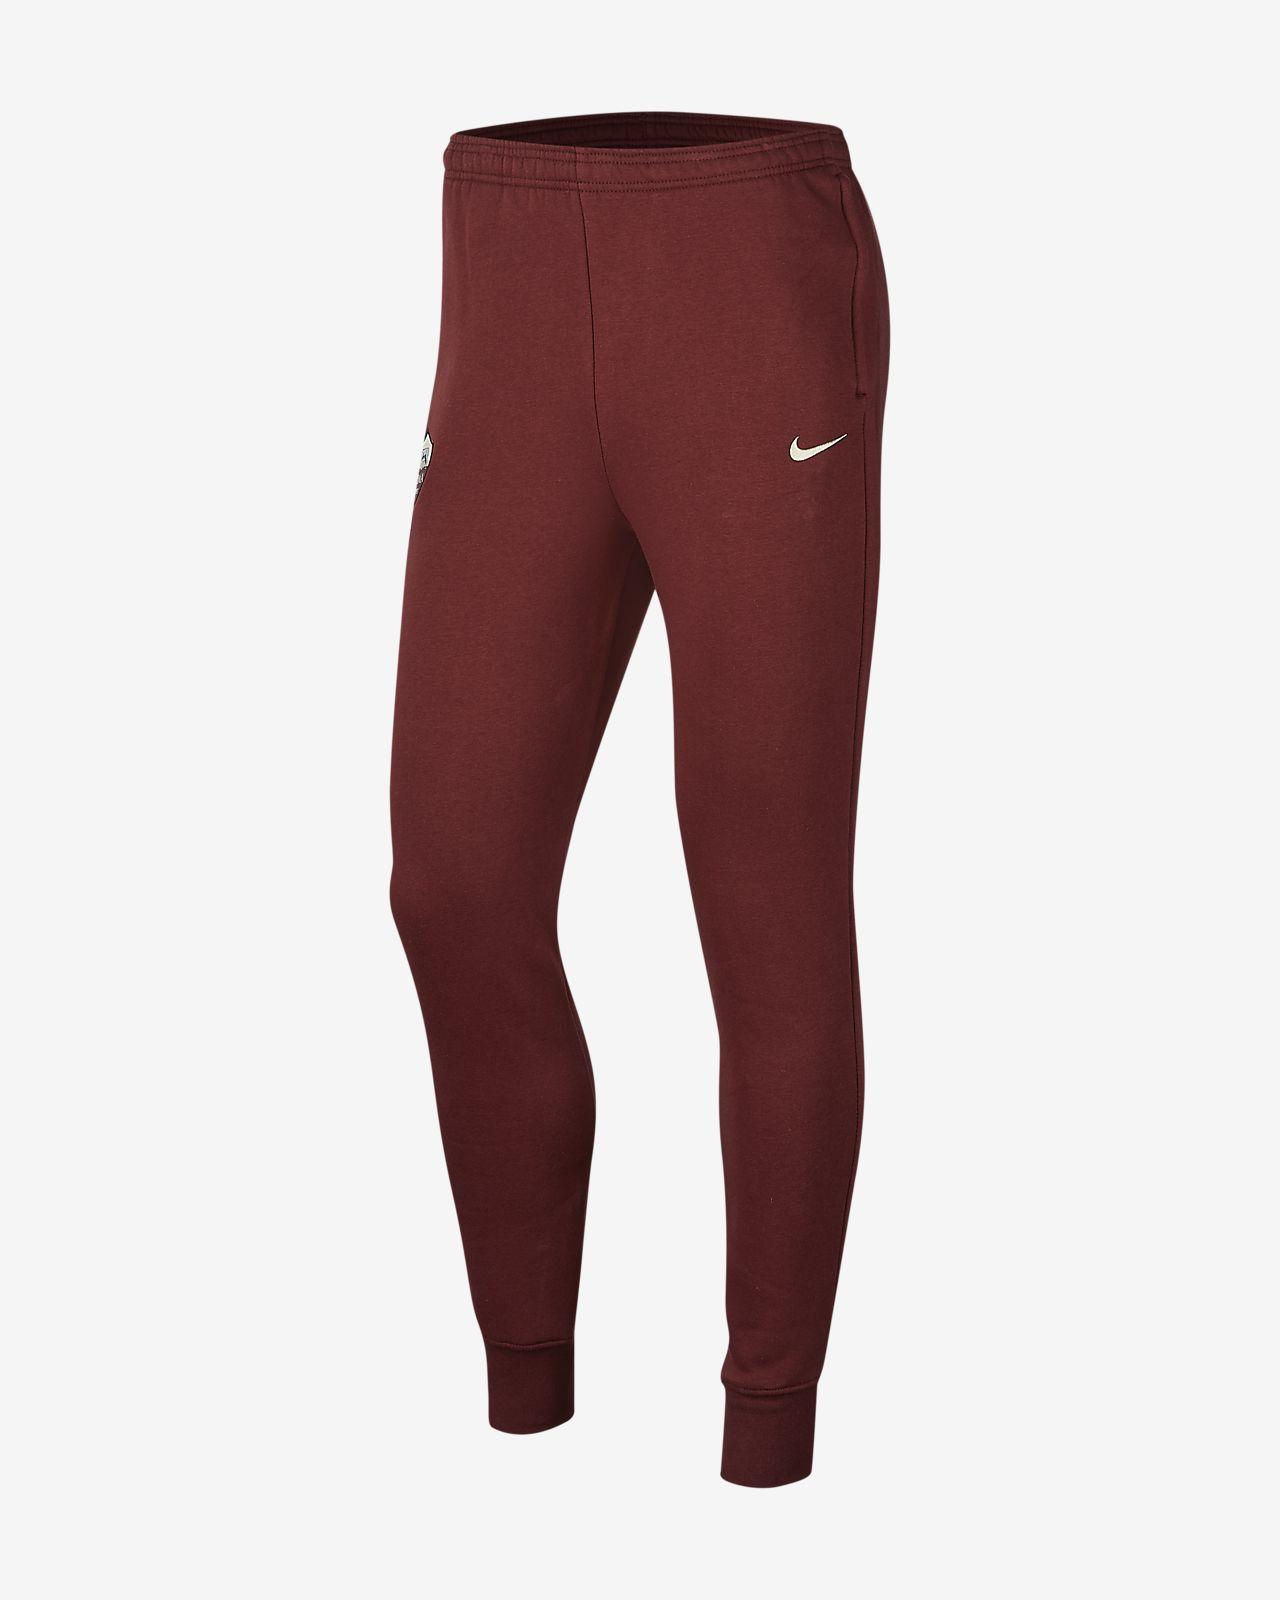 Pantalon en tissu Fleece A.S. Roma pour Homme